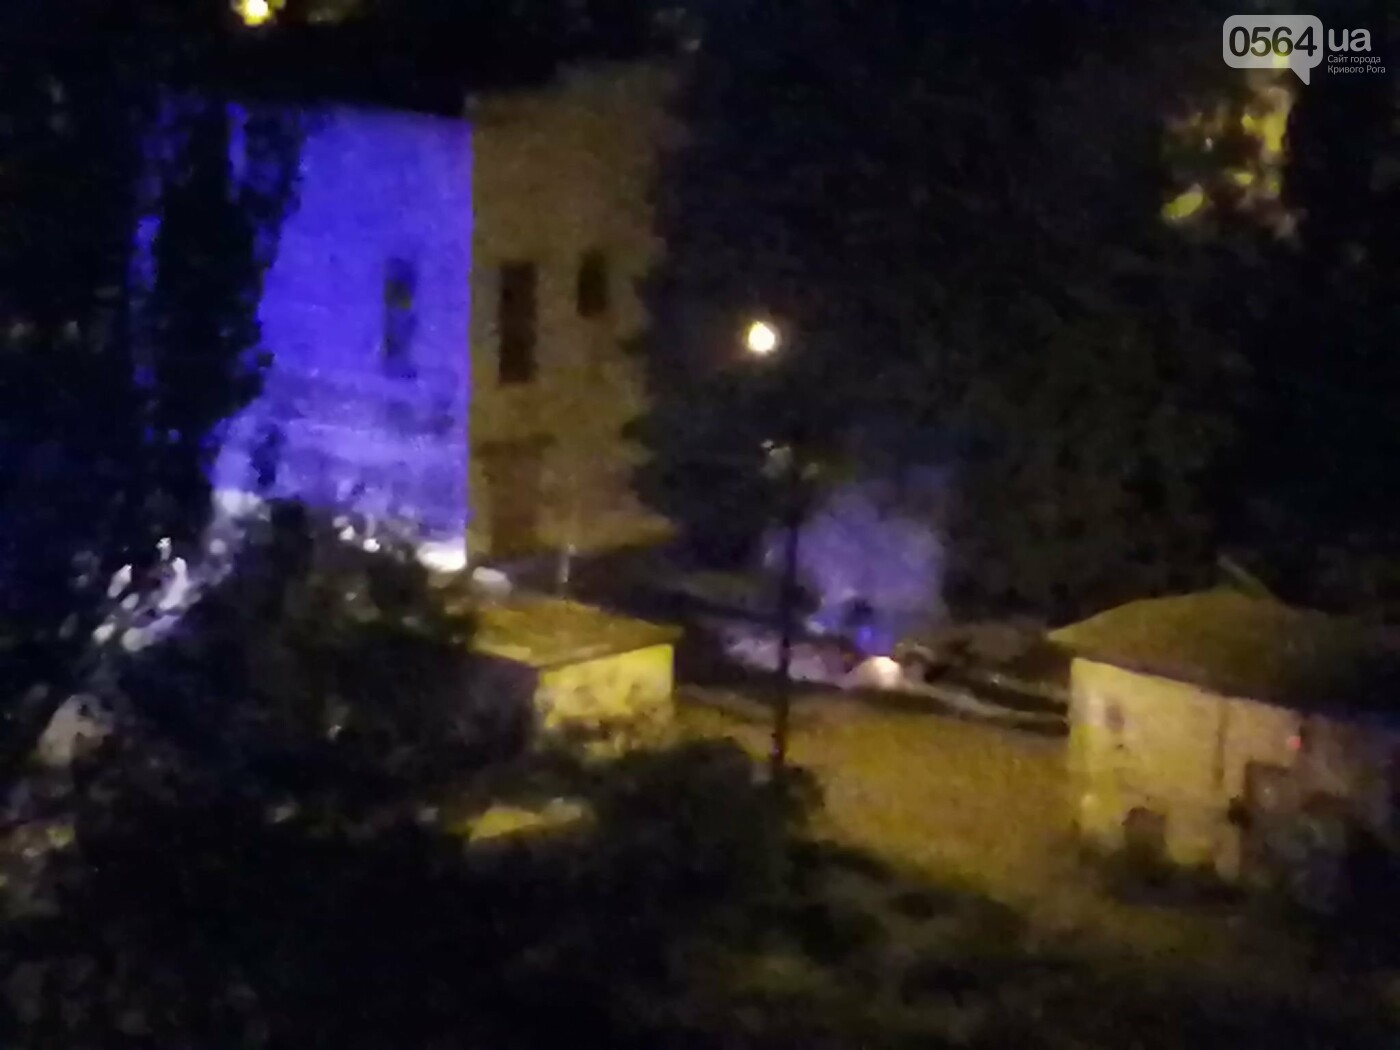 Ночью в Кривом Роге сгорел автомобиль, припаркованный во дворе, - ФОТО , фото-2